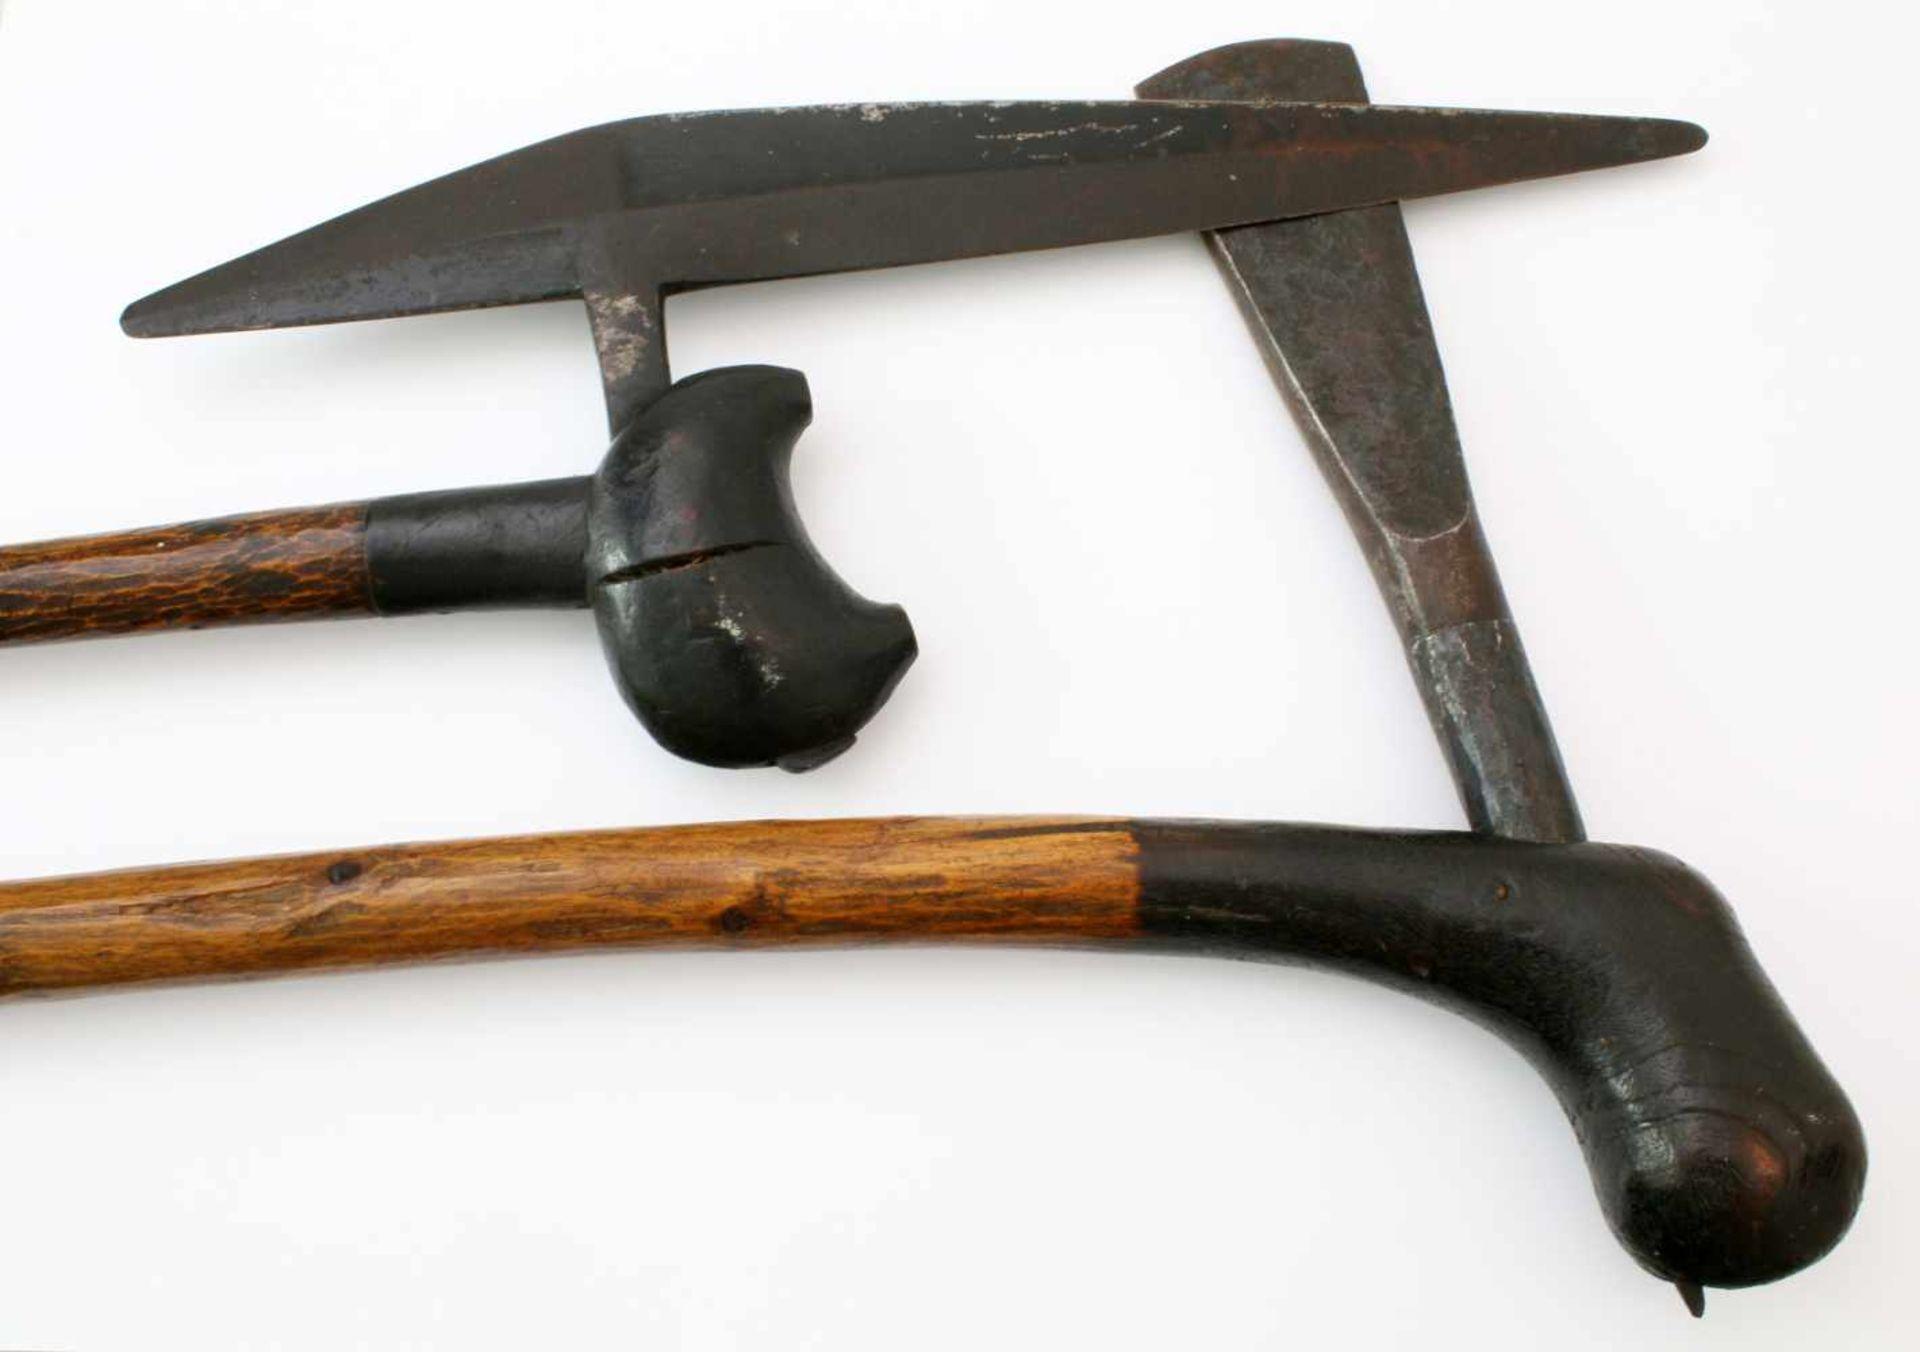 Südafrika, Mosambik - Axt der Zulu, Axt der Tonga - 1. Hälfte 20. JahrhundertAxt der Zulu mit - Bild 3 aus 3